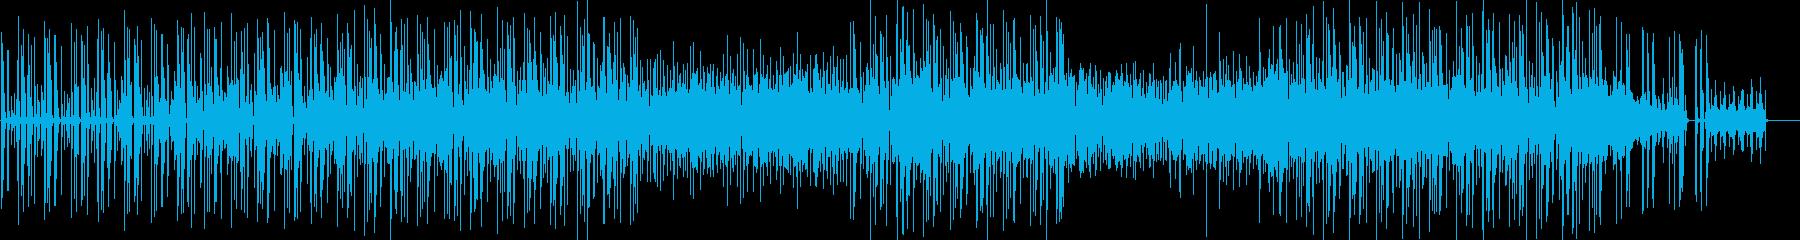 クールなギターのミニマルファンクの再生済みの波形